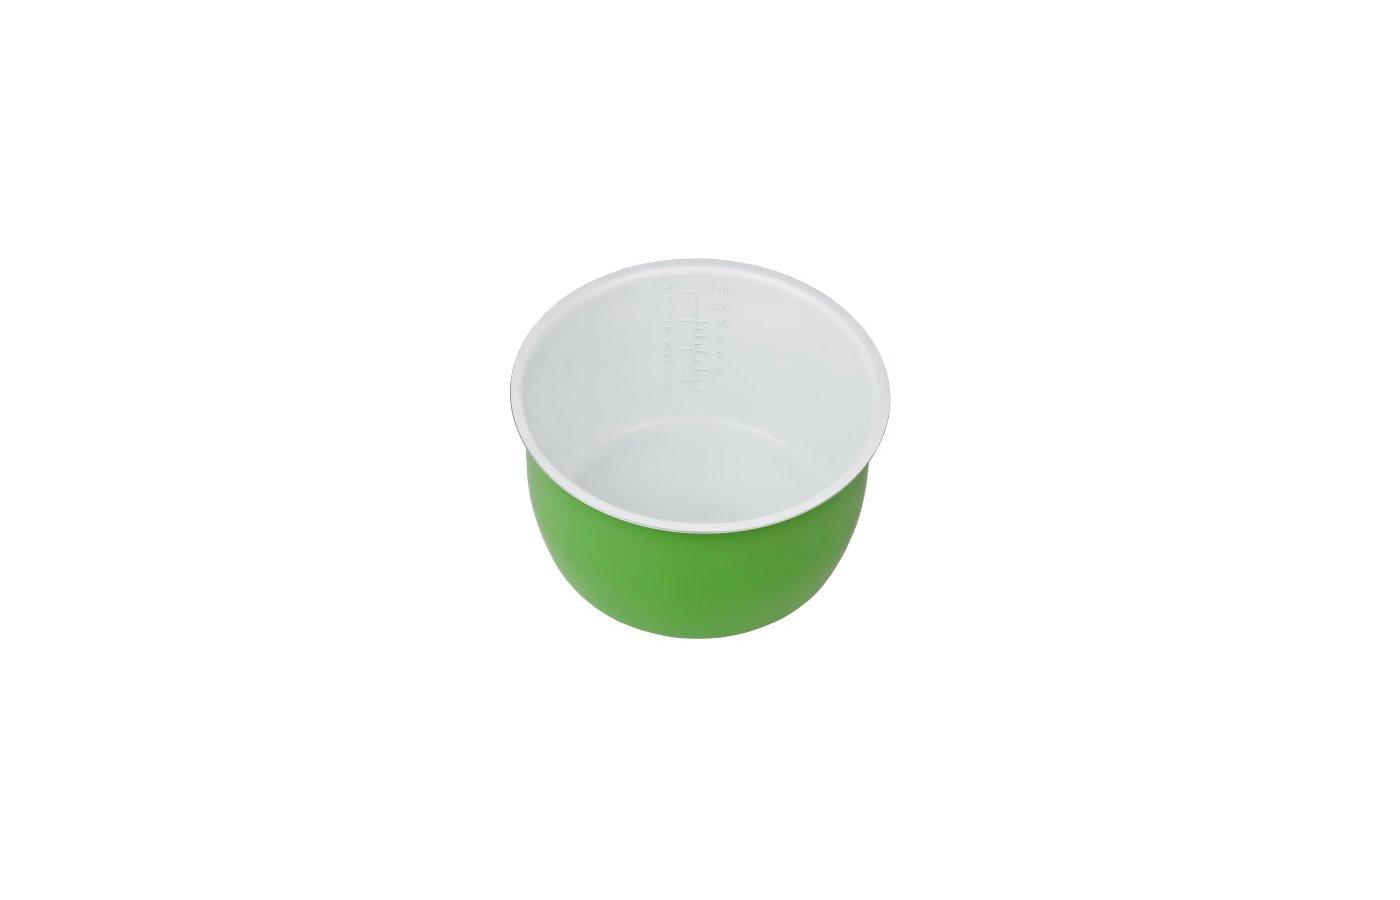 Принадлежности для мультиварок Чаша для мультискороварки SA-РС01С